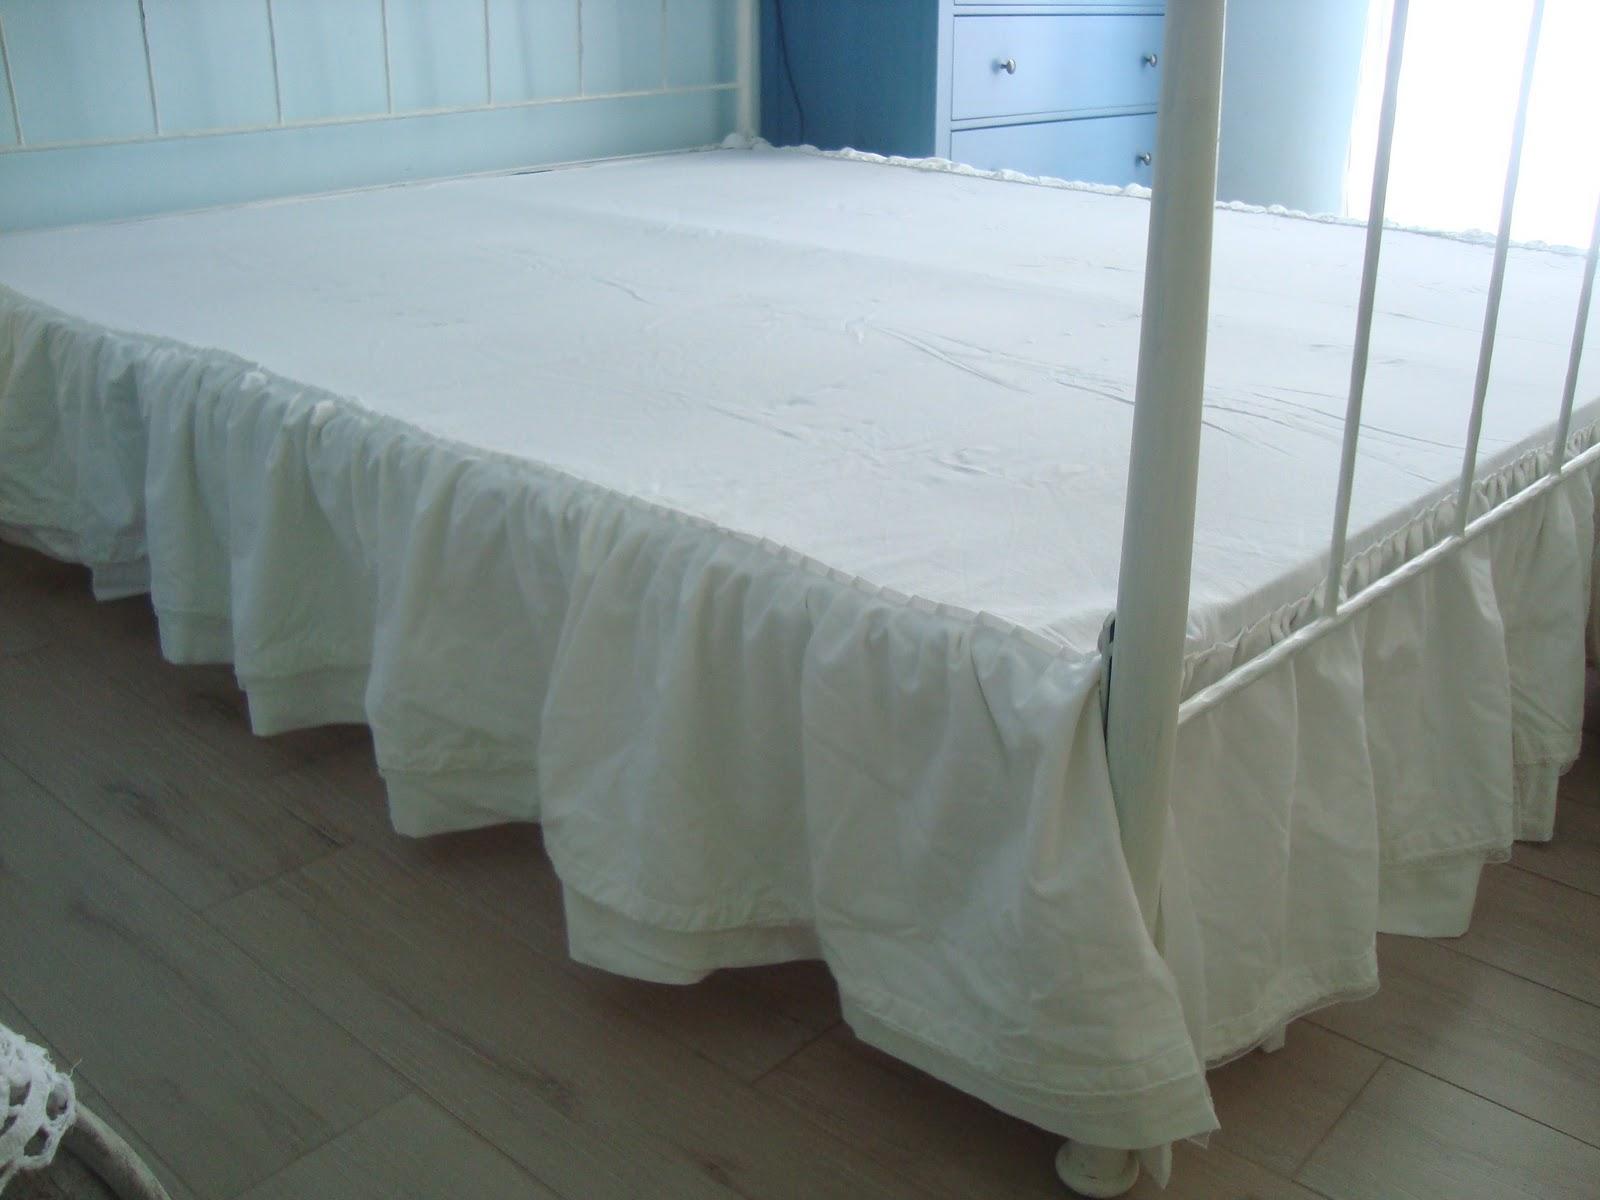 Il sogno shabby di marina the my shabby house cucito biancheria per la casa - Casa da sogno biancheria ...